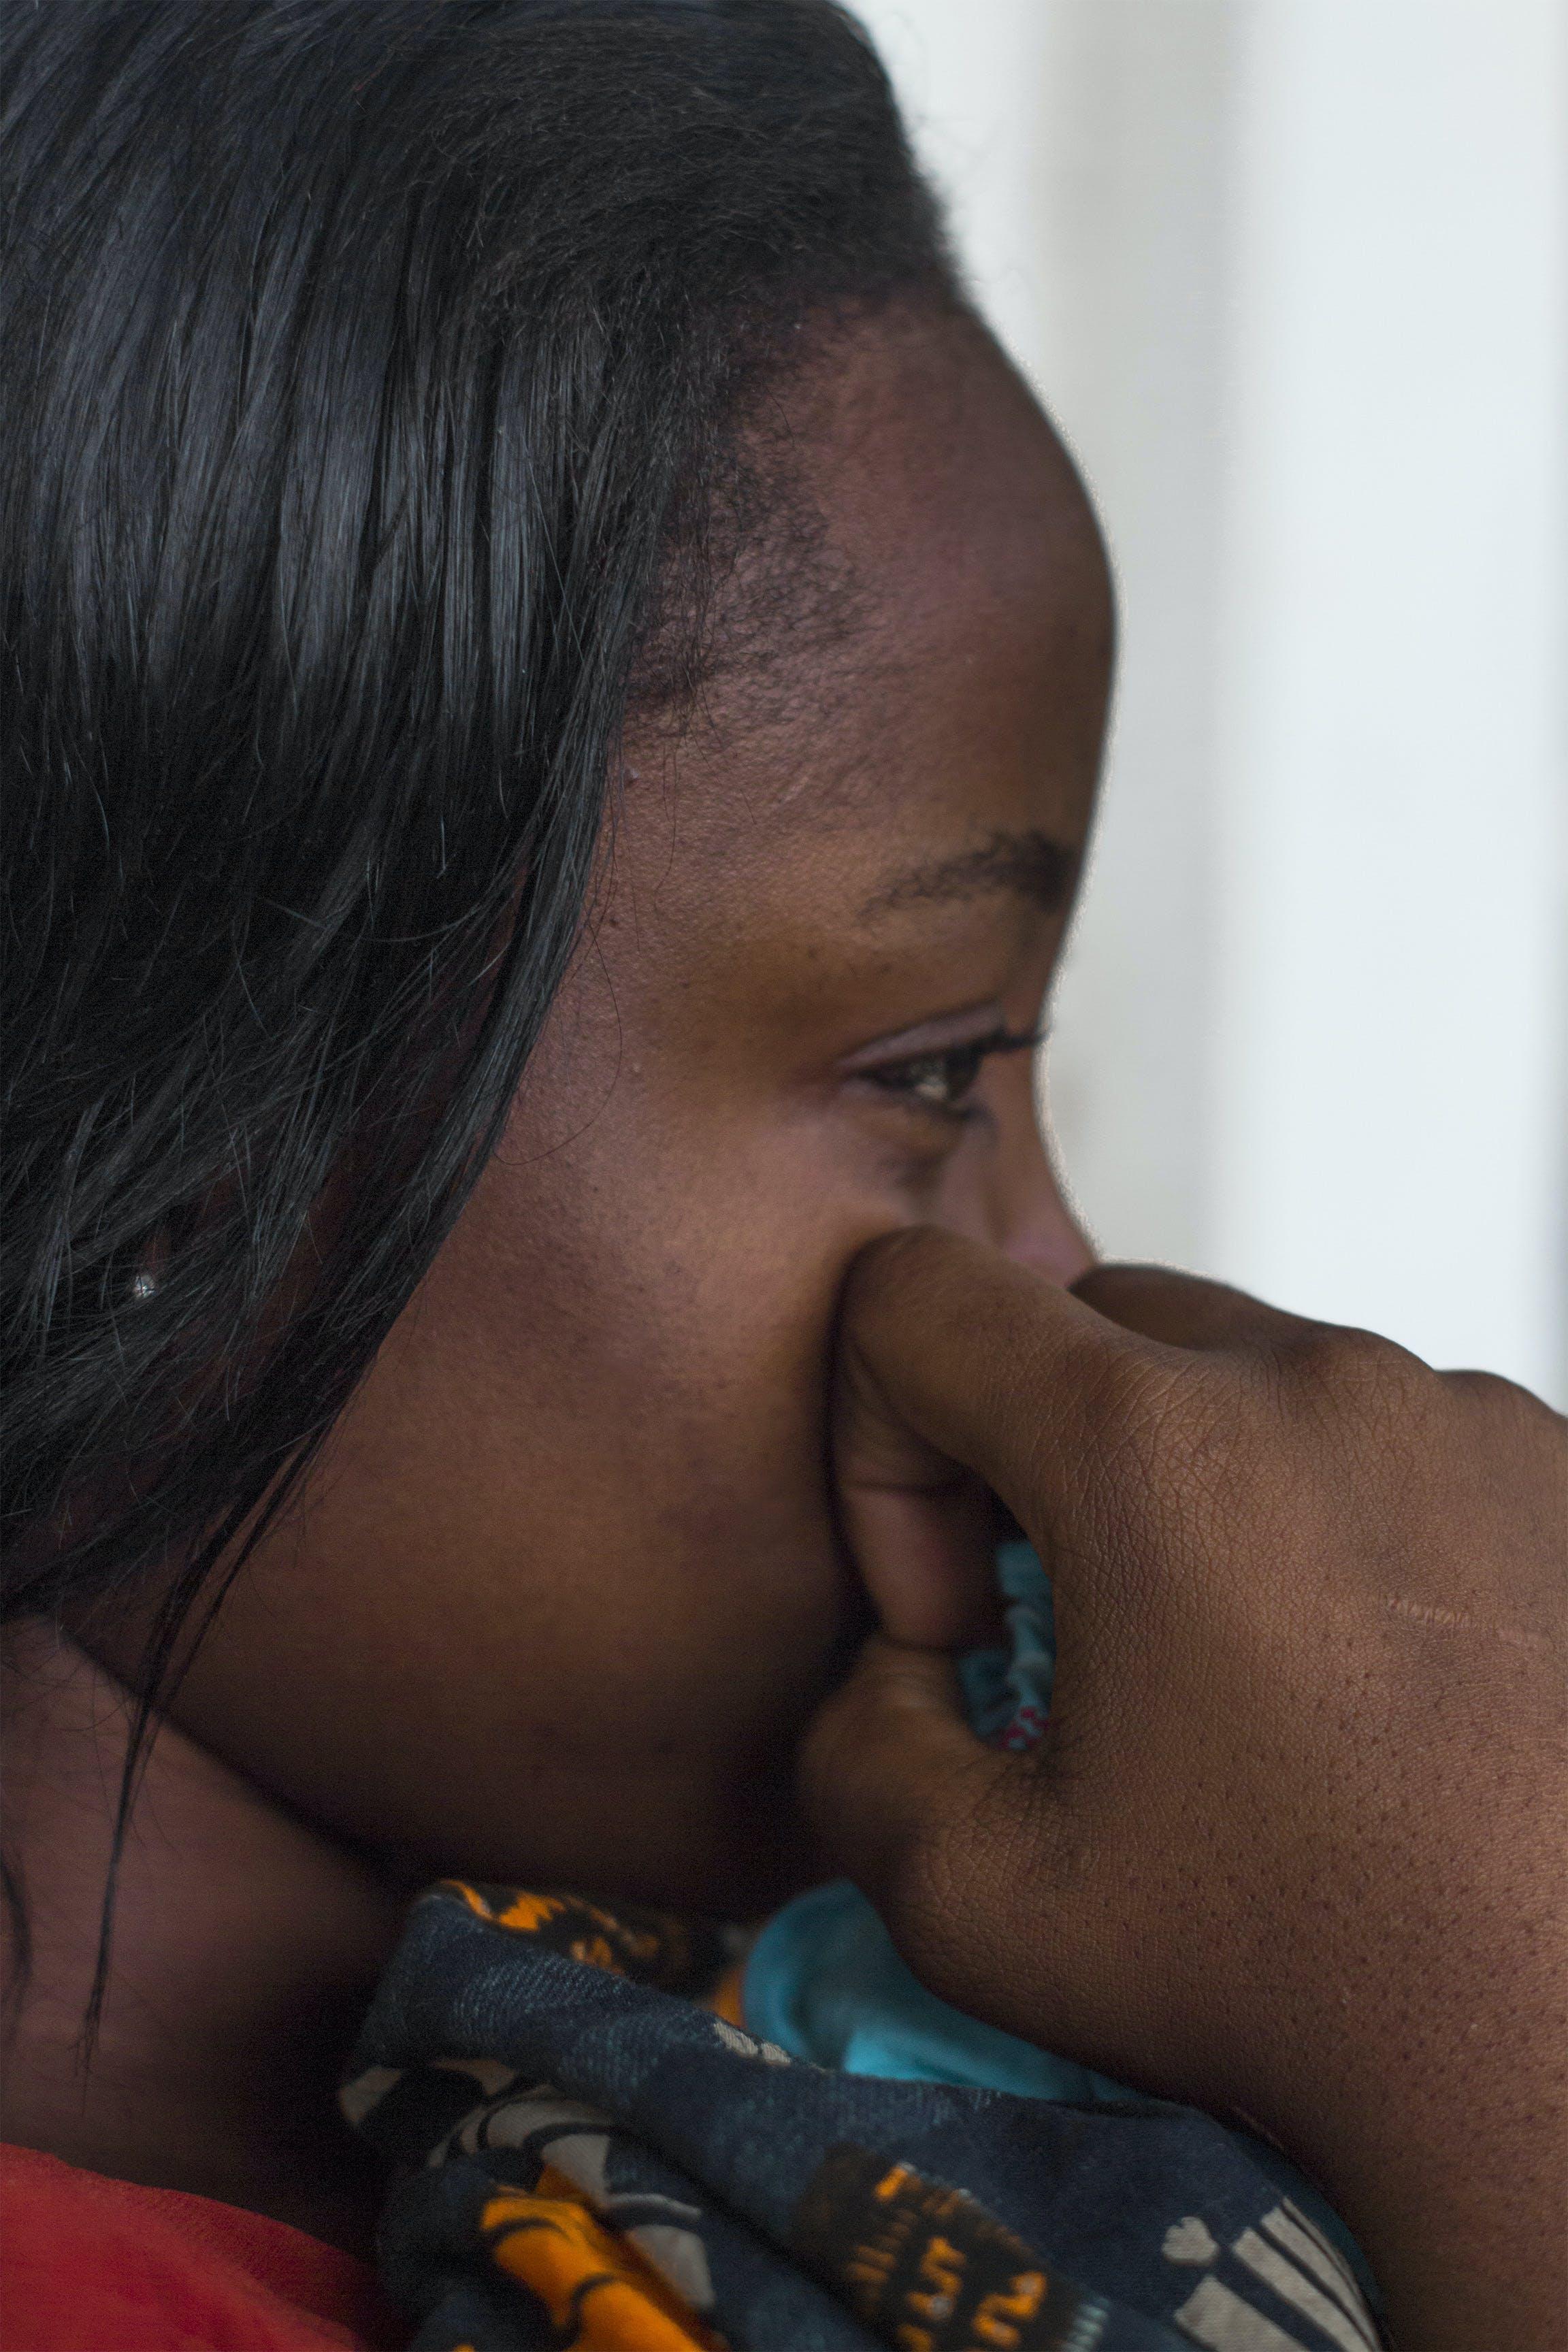 Δωρεάν στοκ φωτογραφιών με ghana, αφρικανικός, γκάνα κορίτσι, κορίτσι